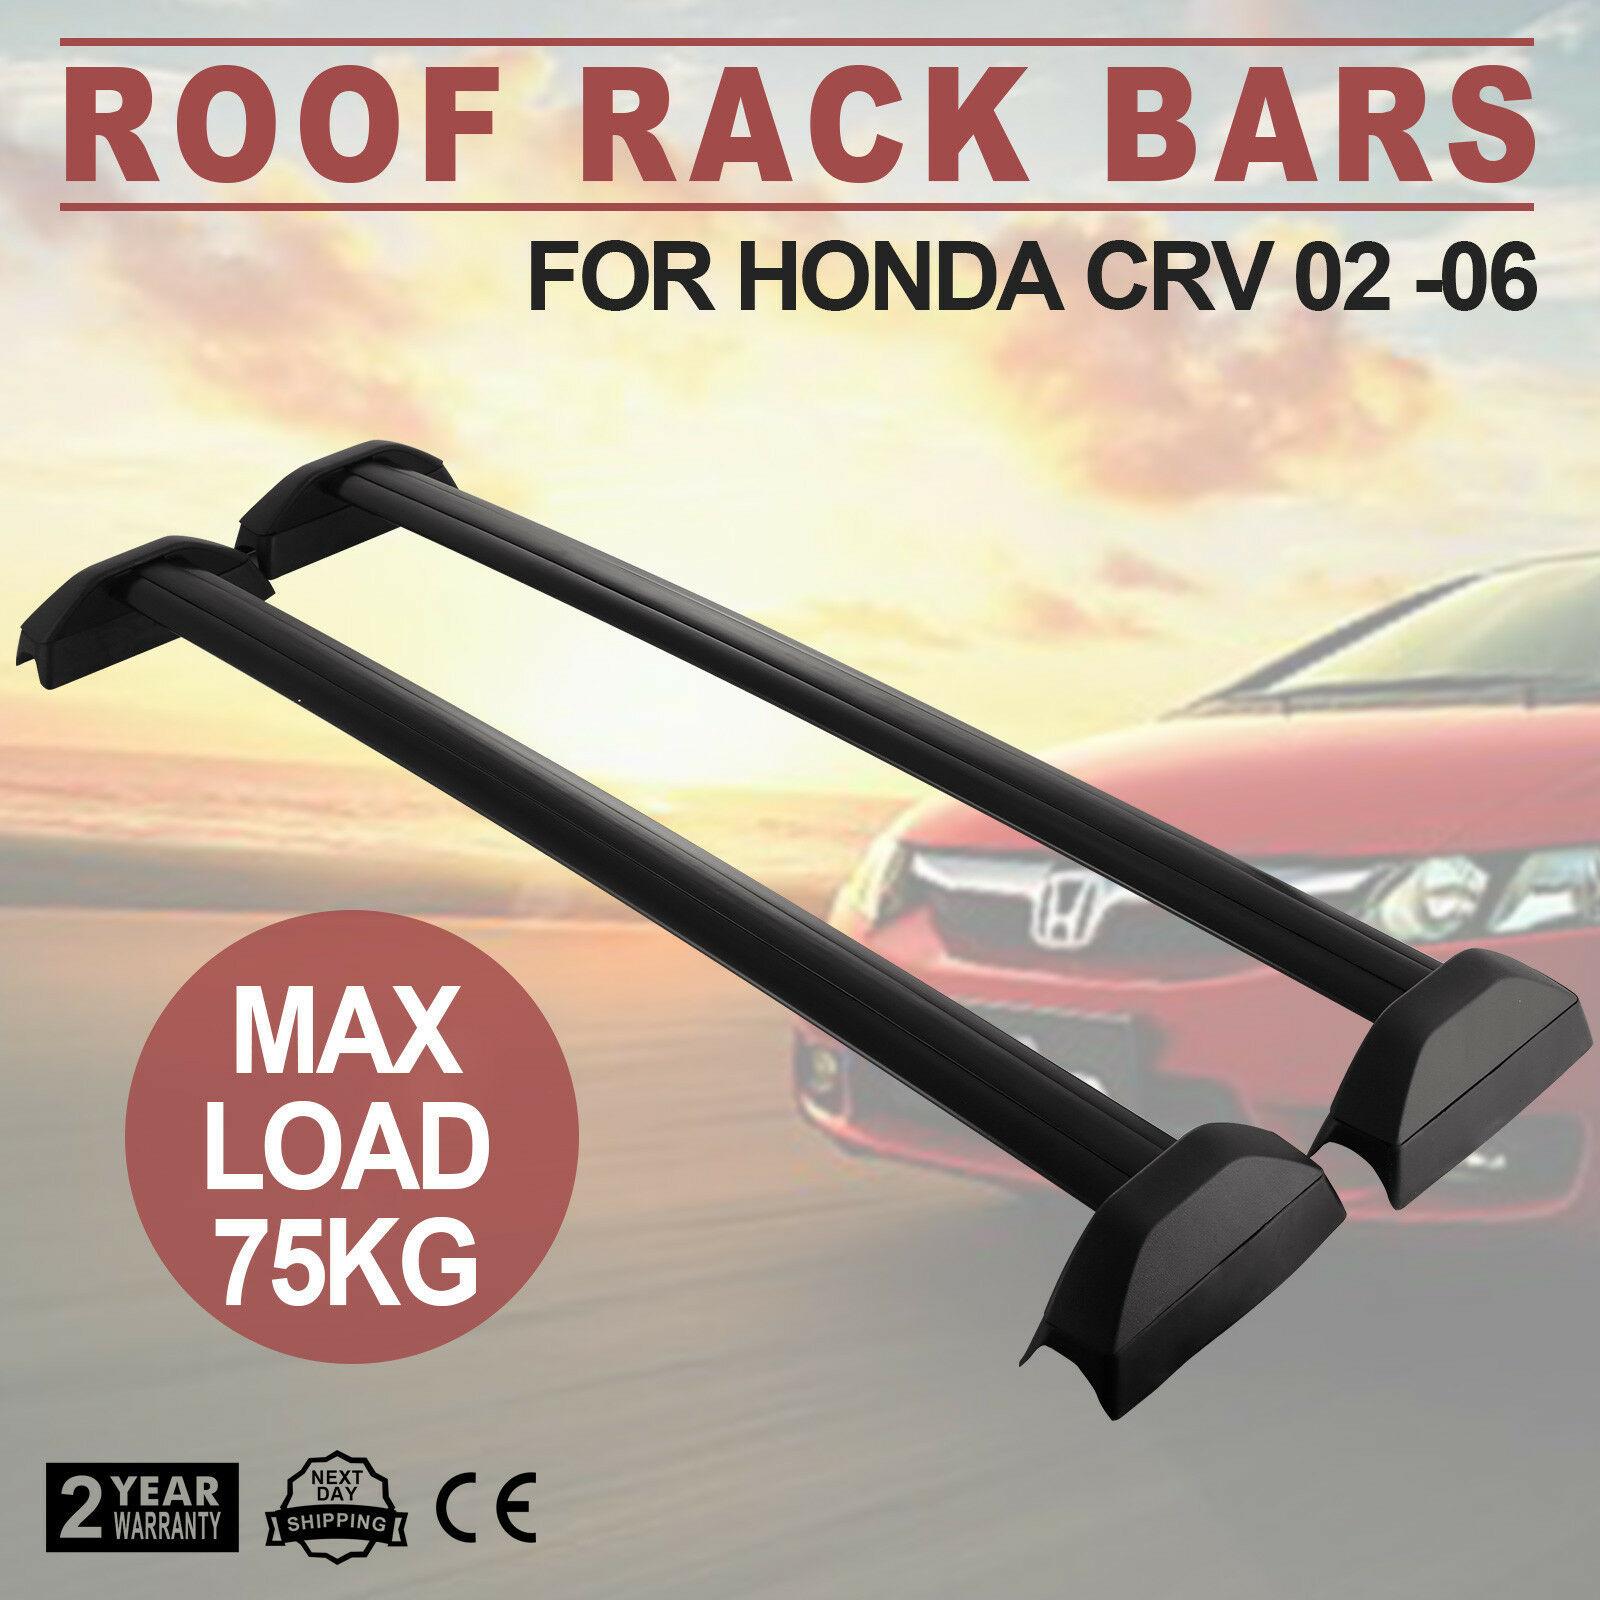 Hard Cross Bar Roof Rail Side Rack For Honda CRV CR-V 02-06 Luggage Carrier HQ